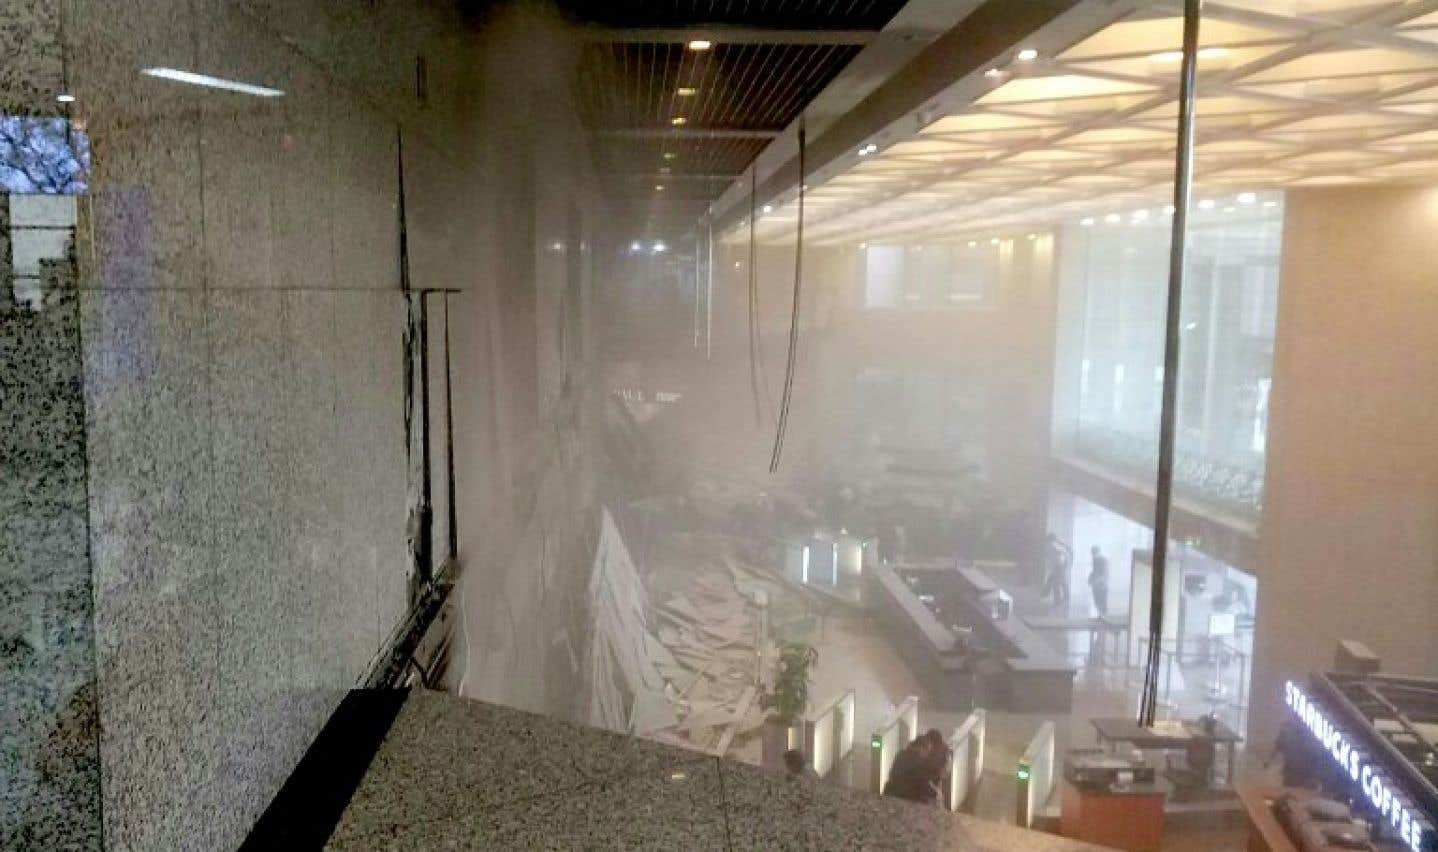 L'effondrement de ce petit étage a fait 75 blessés.